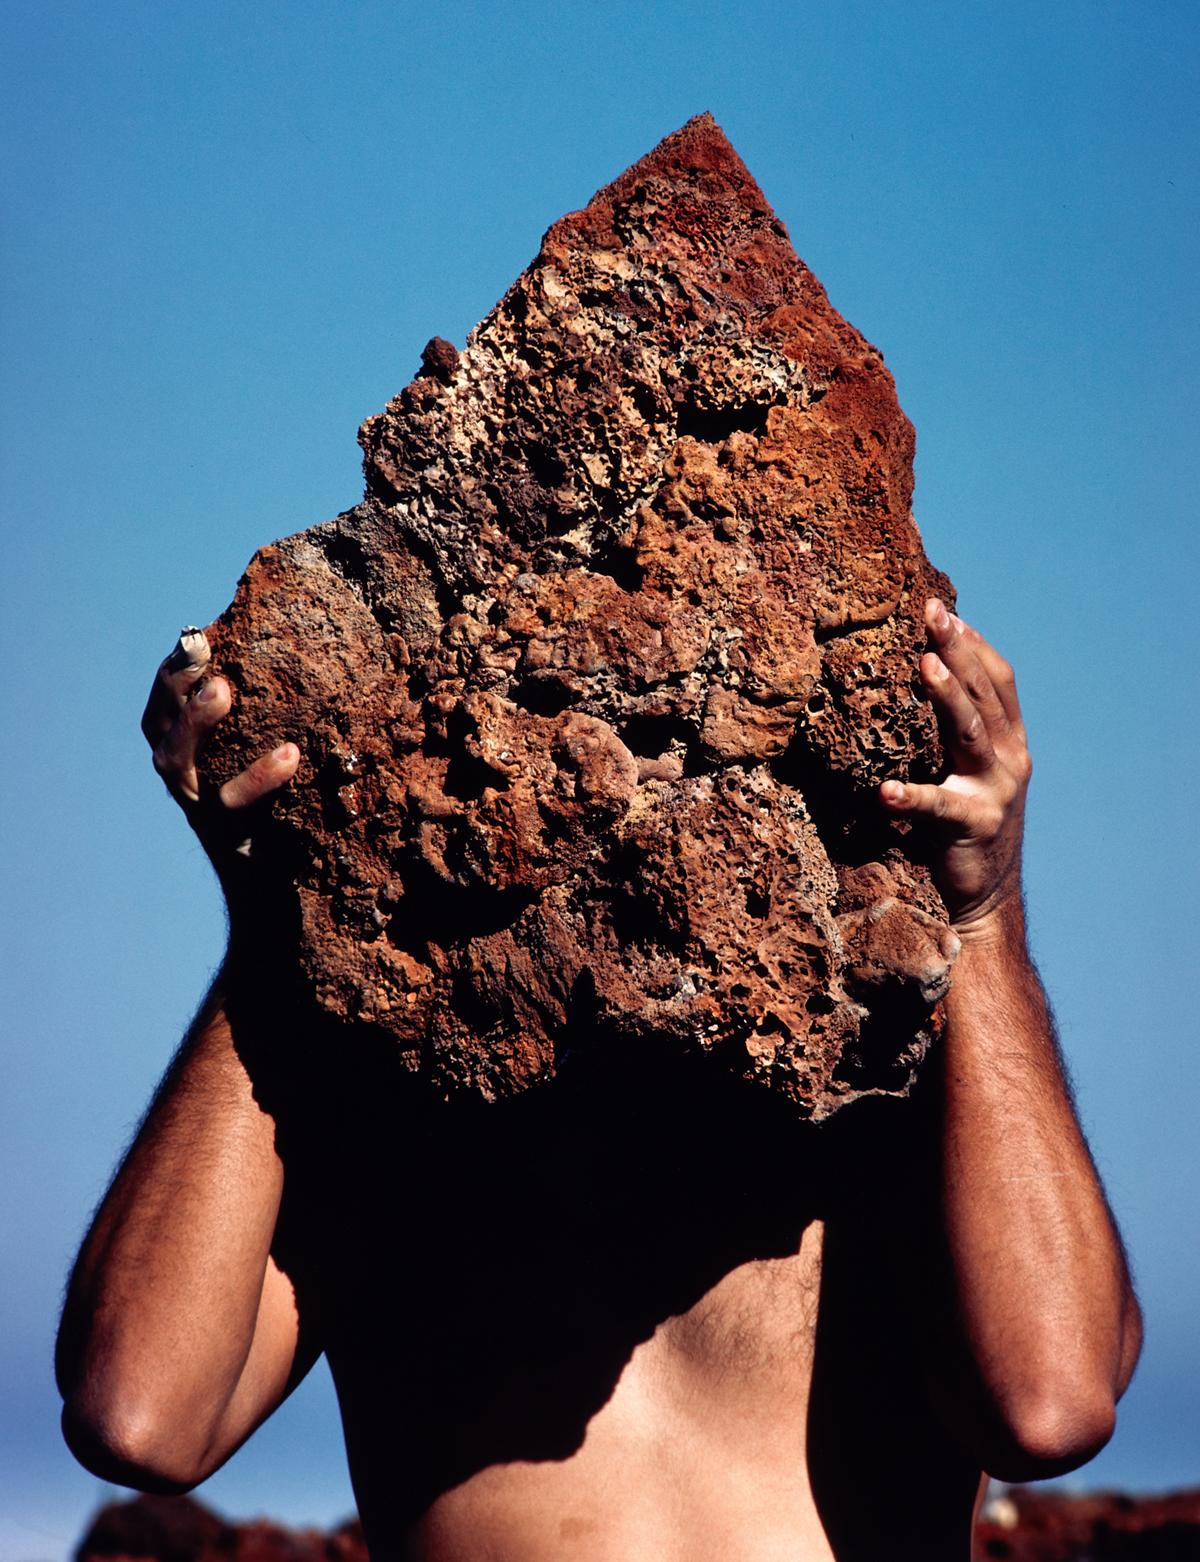 Thierry Fontaine, Sans titre Sculpture photographie La Réunion 1997, 1997 (Achat à l'artiste en 1999, Inv. : FNAC 99373) © Adagp, Paris, Cnap / Photo Yves Chenot